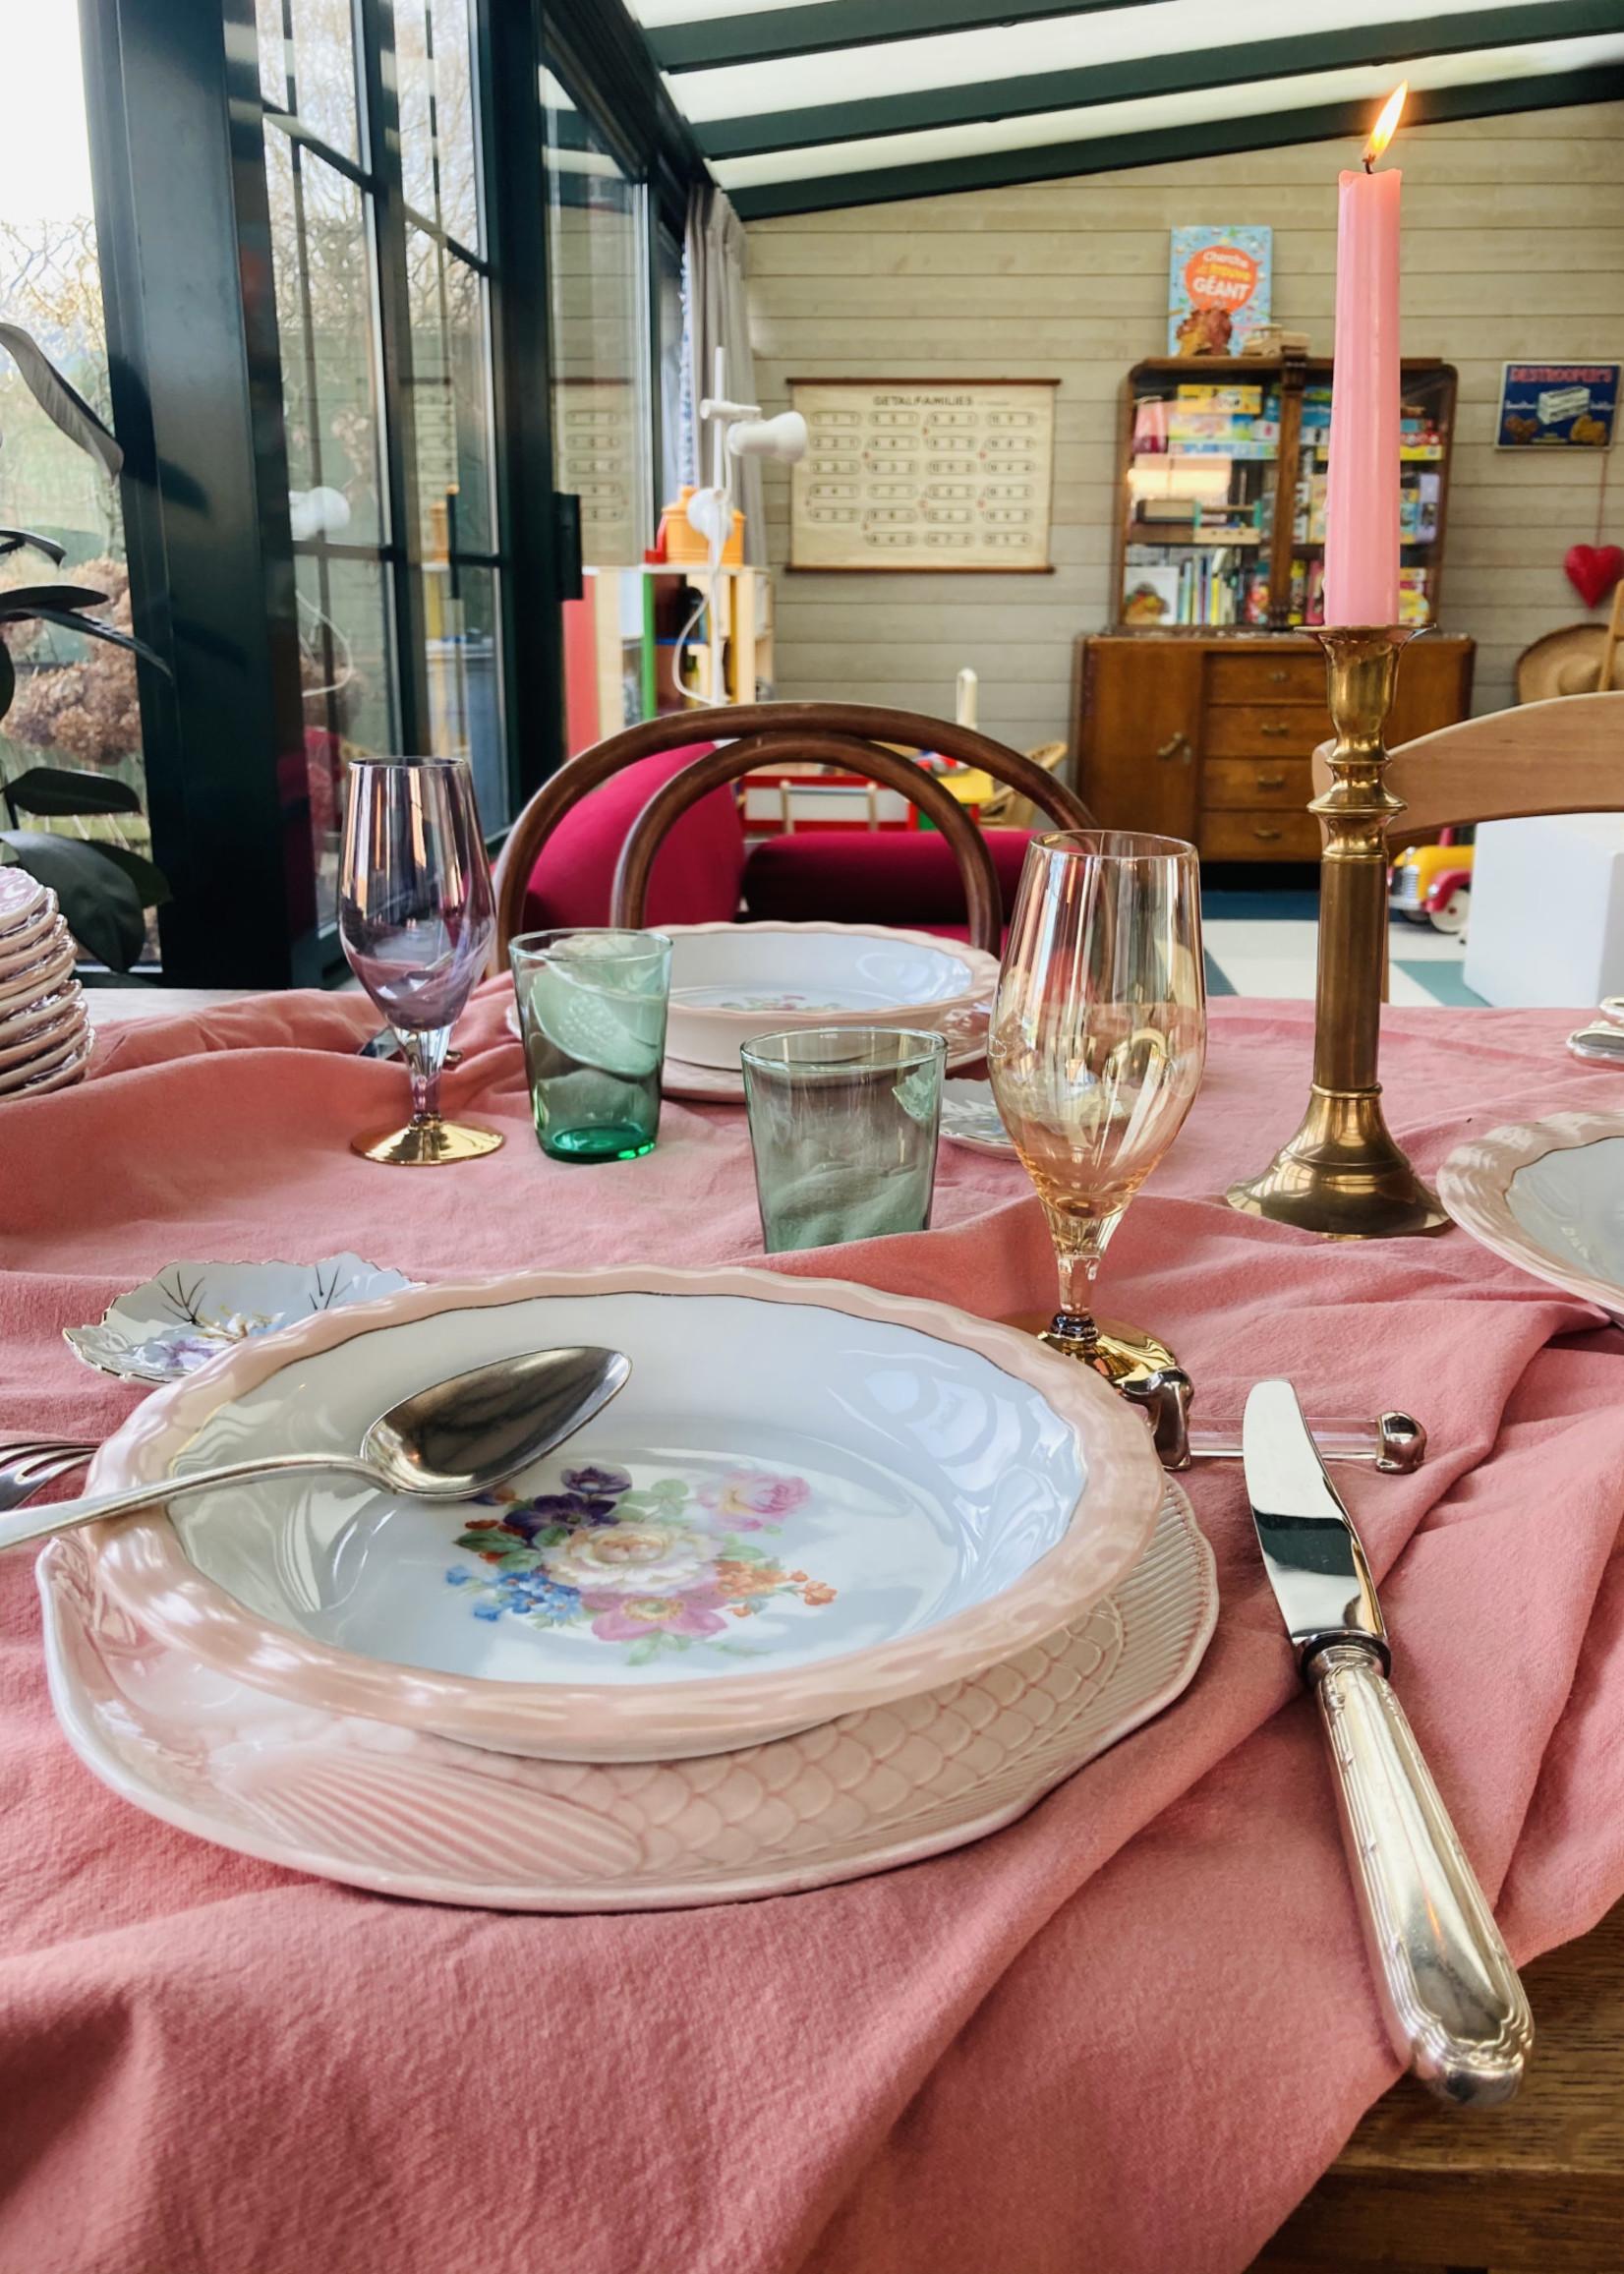 Limoge ULIM, Floral rose, deep plate